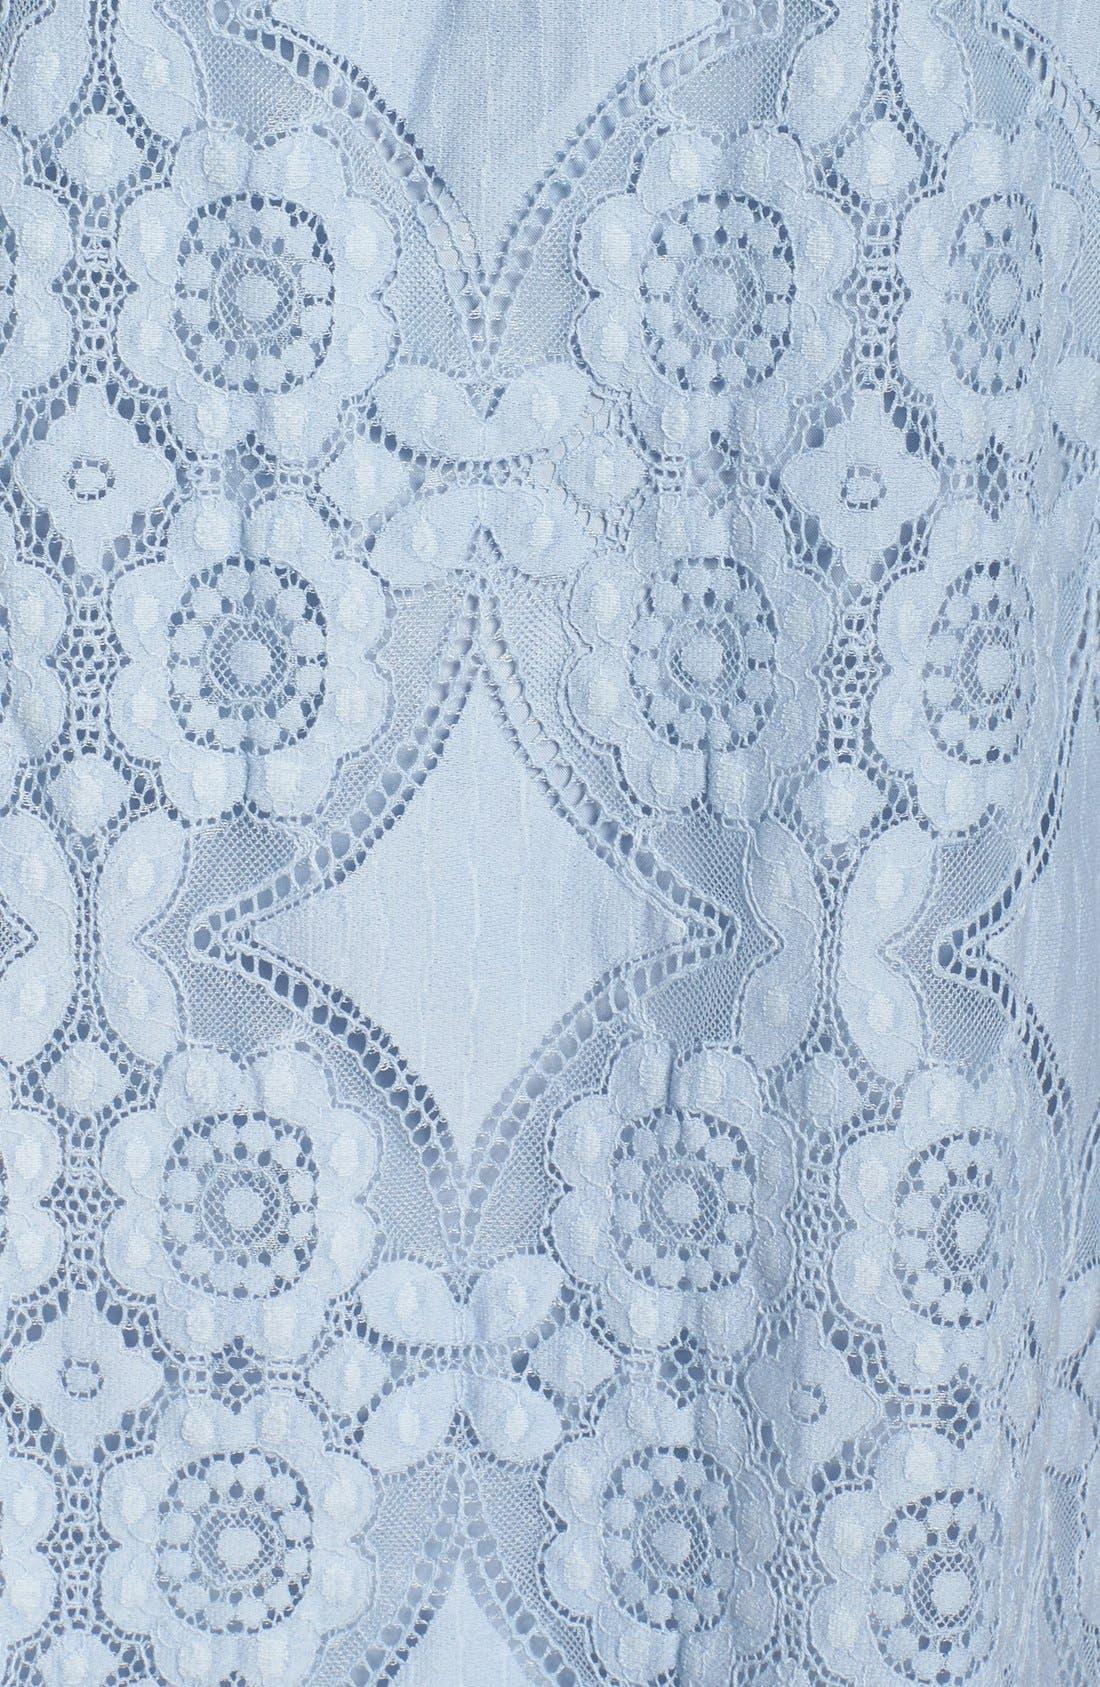 Halden A-Line Dress,                             Alternate thumbnail 6, color,                             460